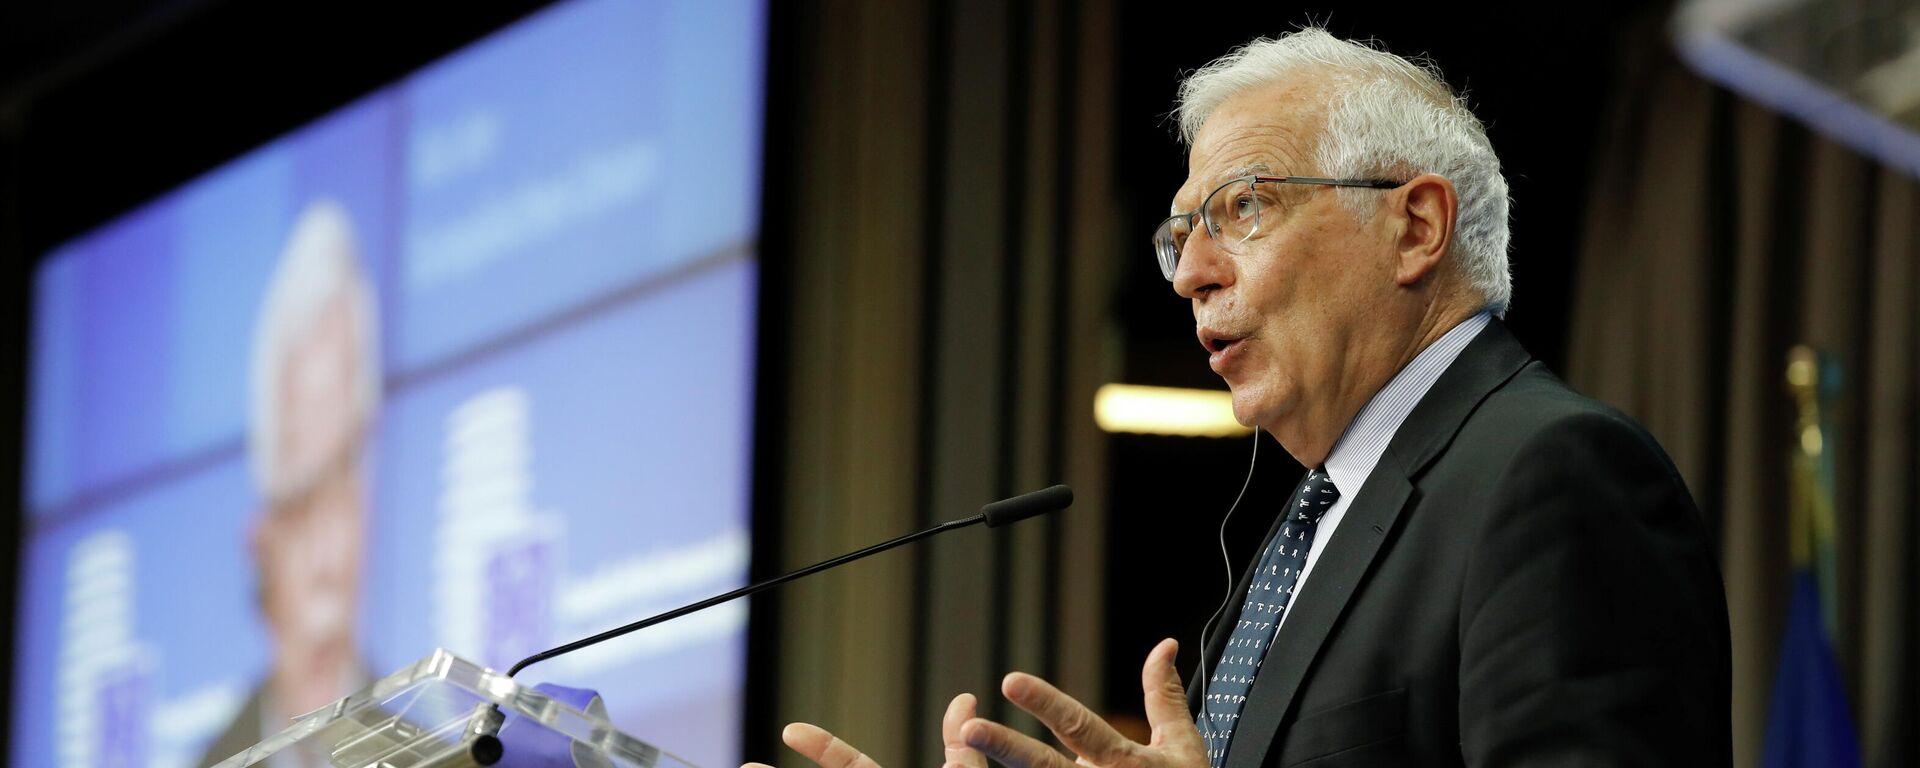 Josep Borrell, alto representante para la Política Exterior de la UE - Sputnik Mundo, 1920, 24.05.2021